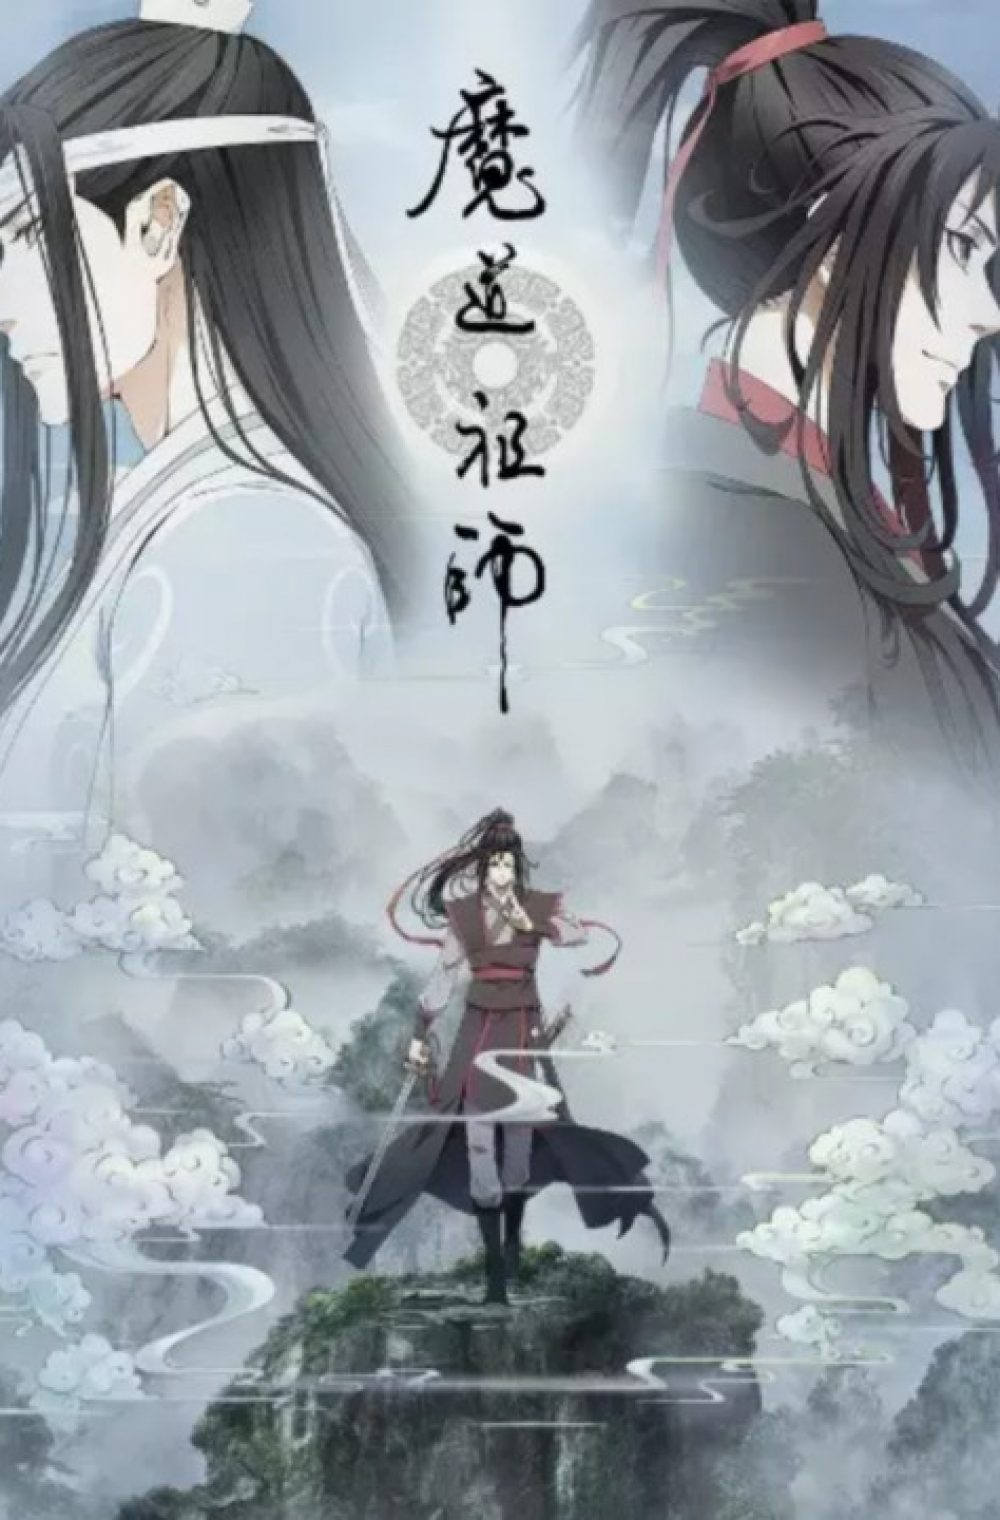 Mo Dao Zu Shi (Japanese Dub)